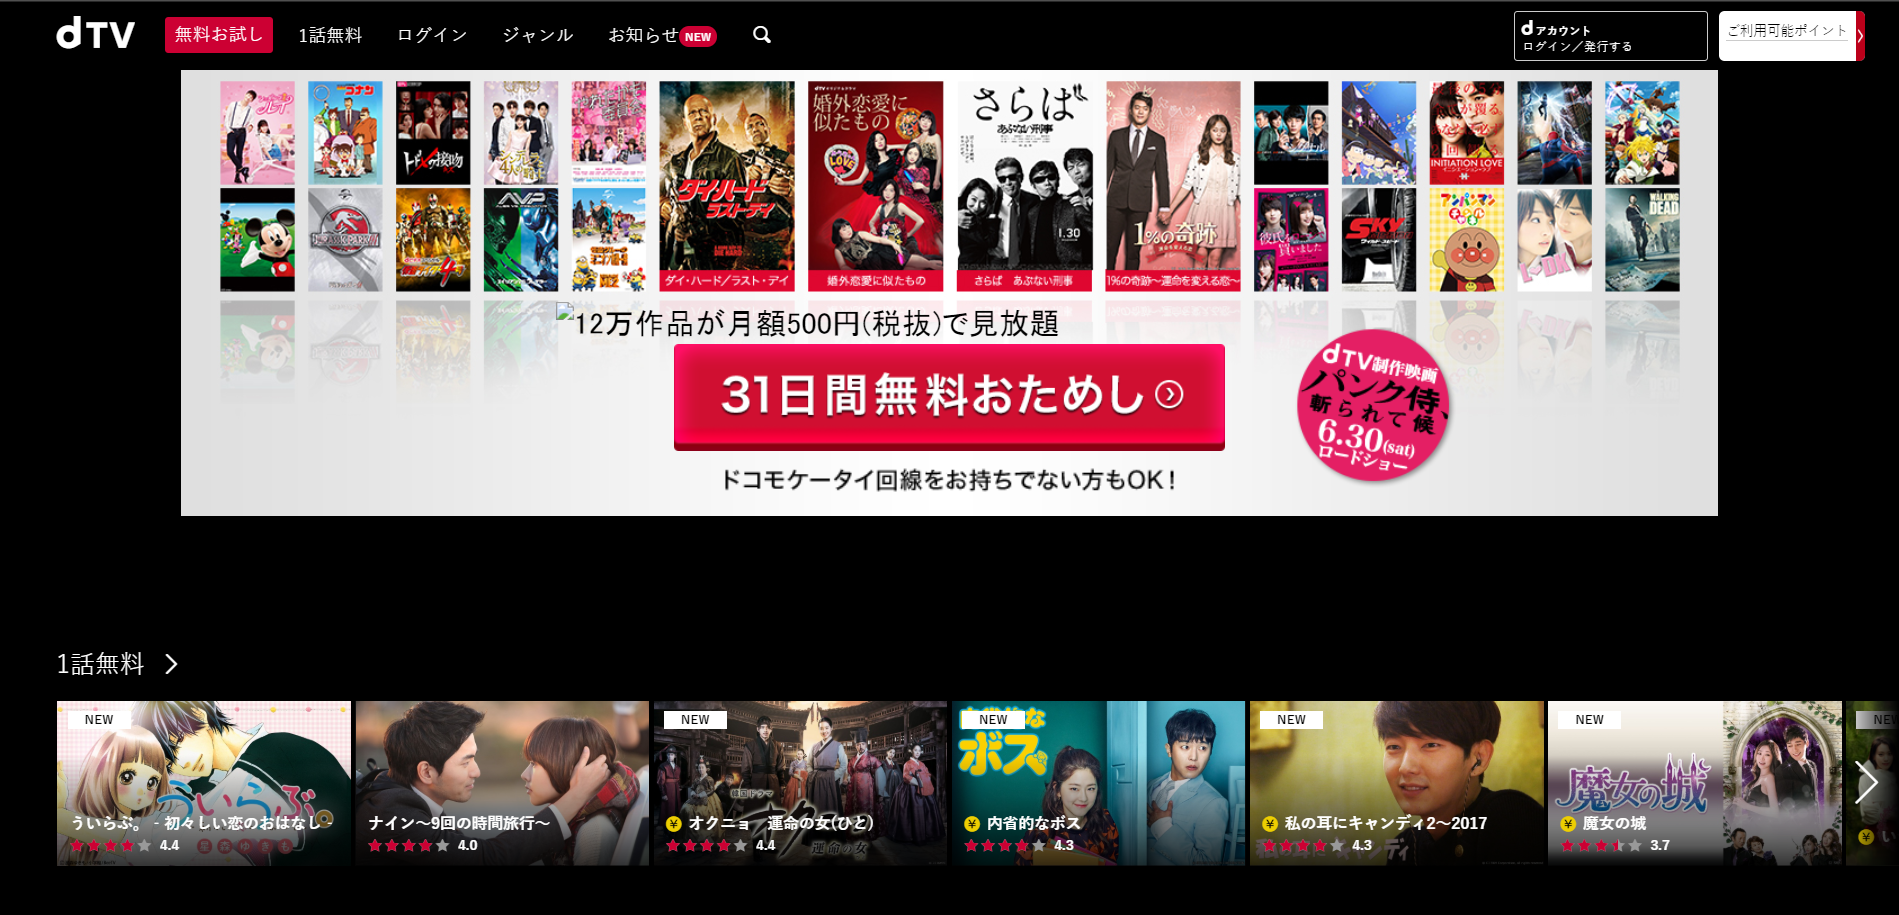 Japanese video streaming app dTV